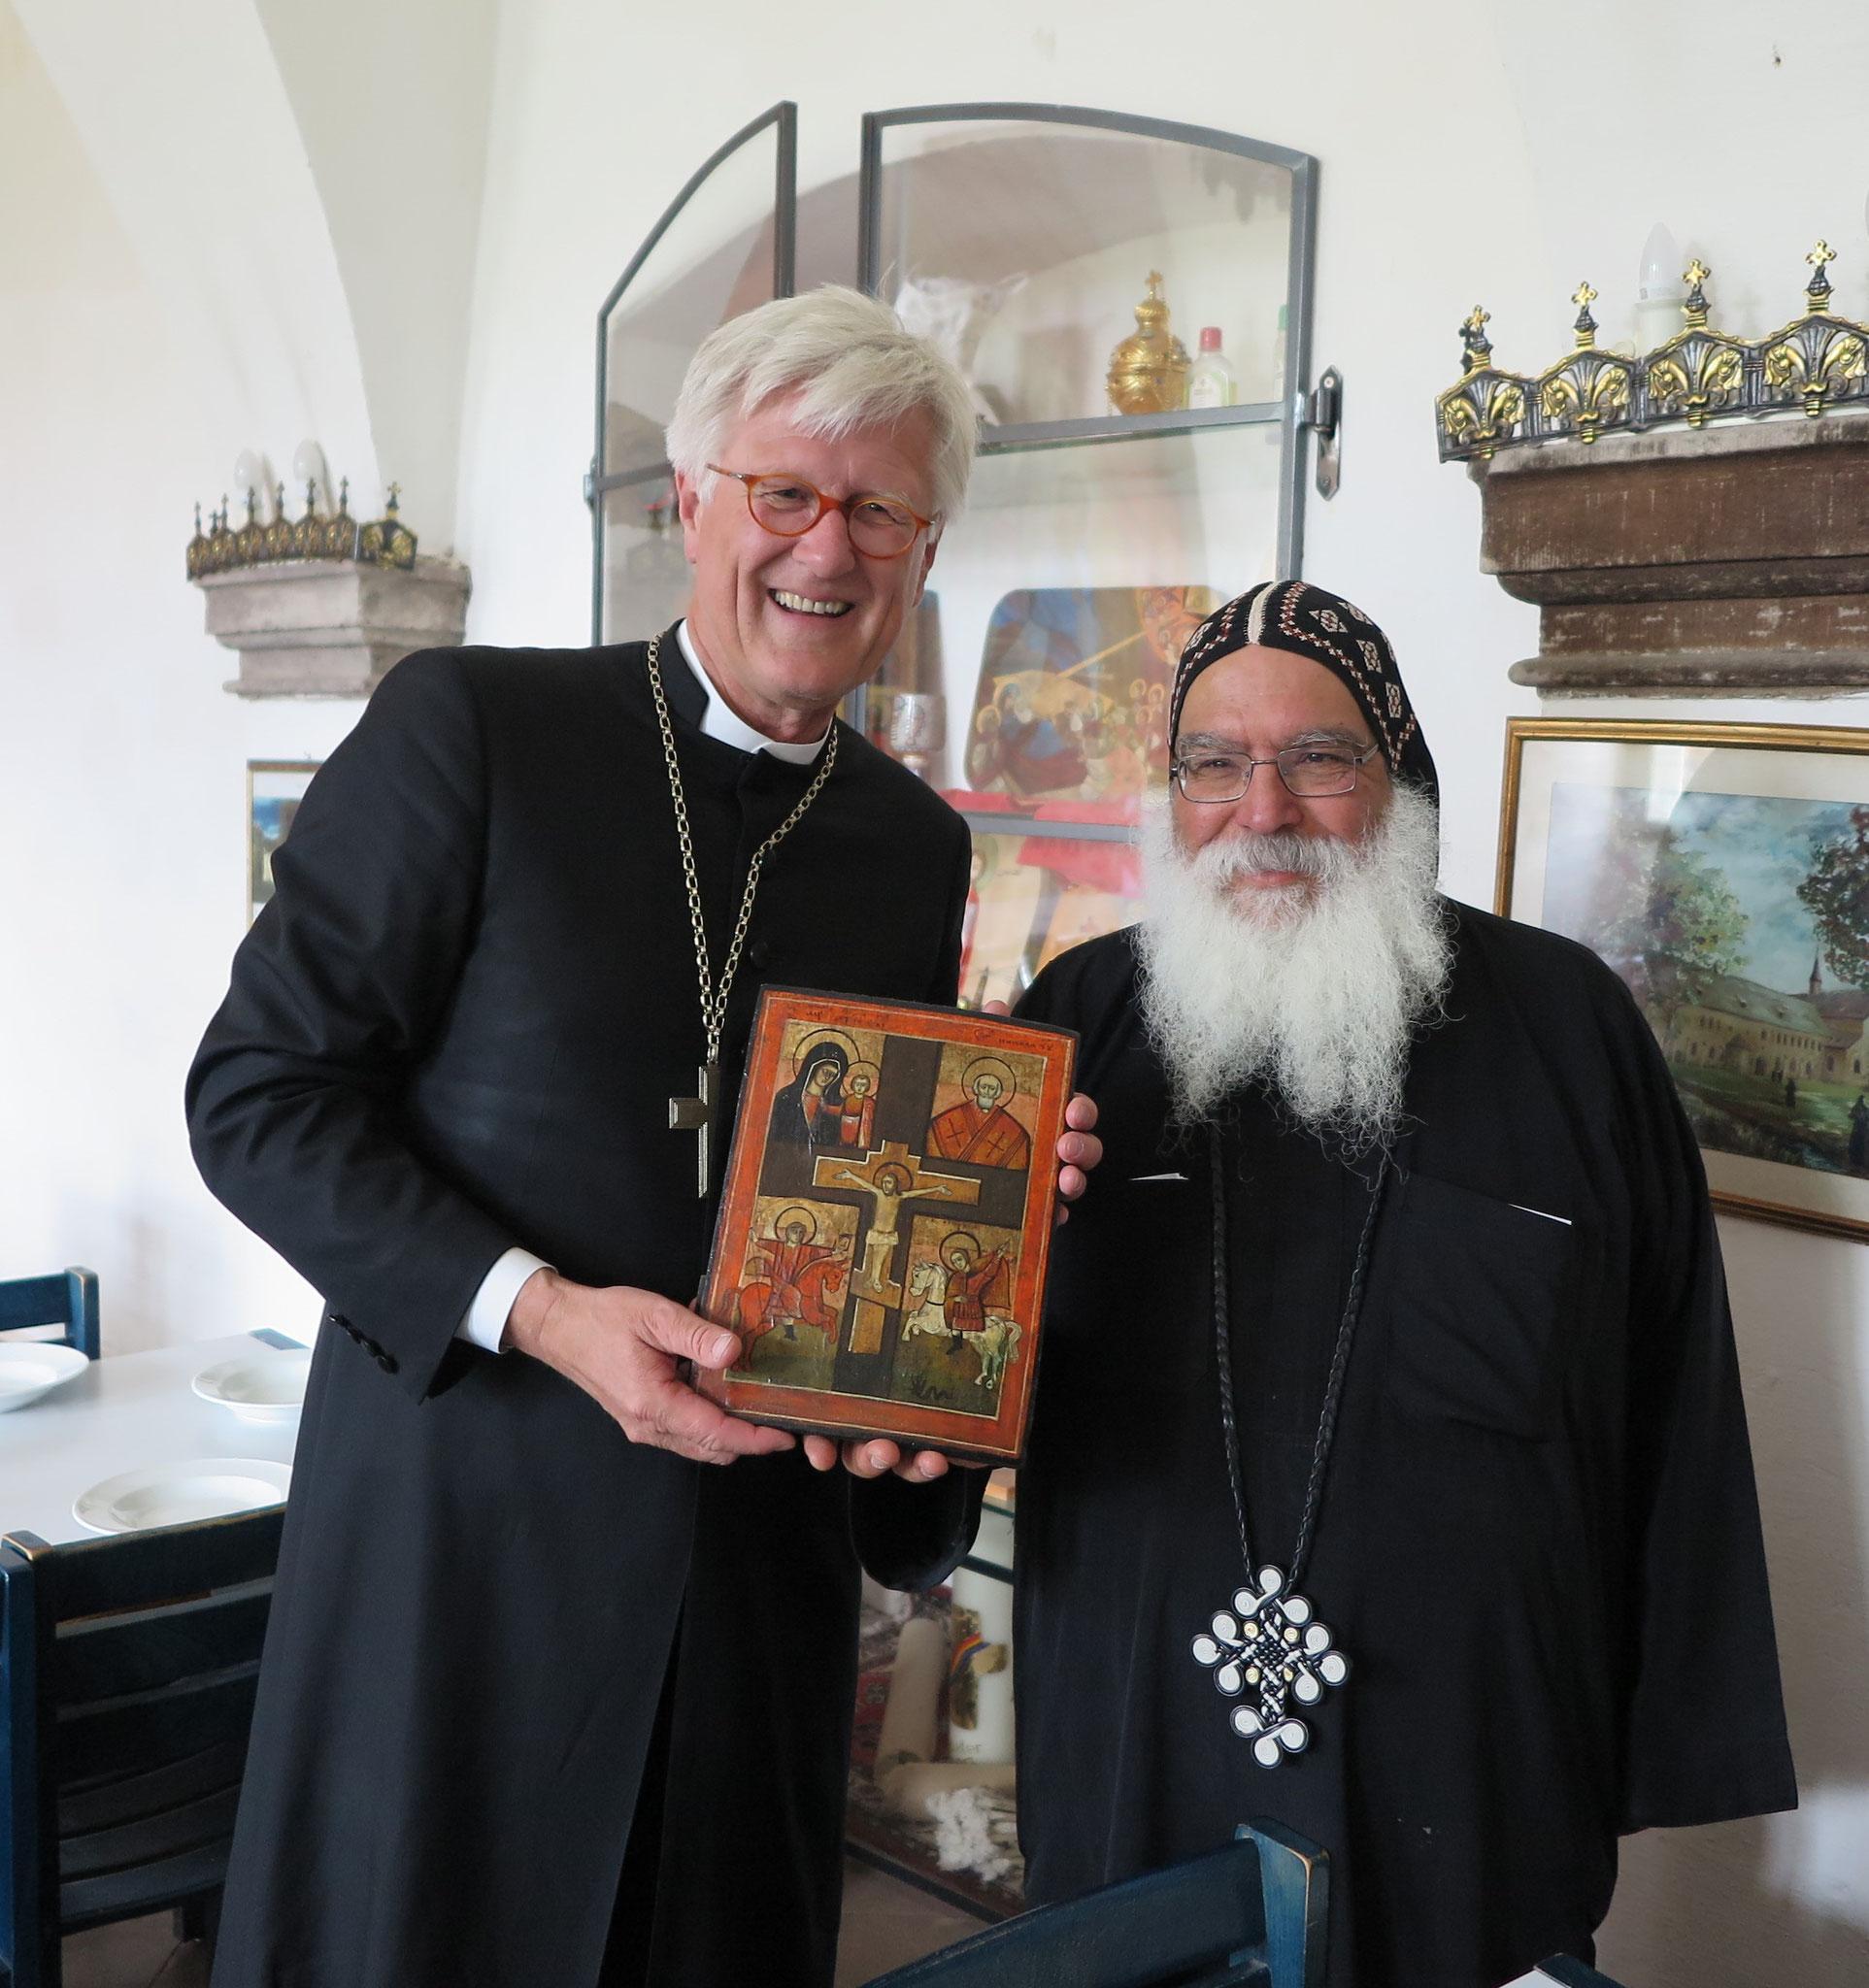 S.E. Bischof Anba Damian überreicht Prof. Dr. Heinrich Bedford-Strohm (EKD-Ratsvorsitzende) eine Ikone. Foto: Christian Hohmann